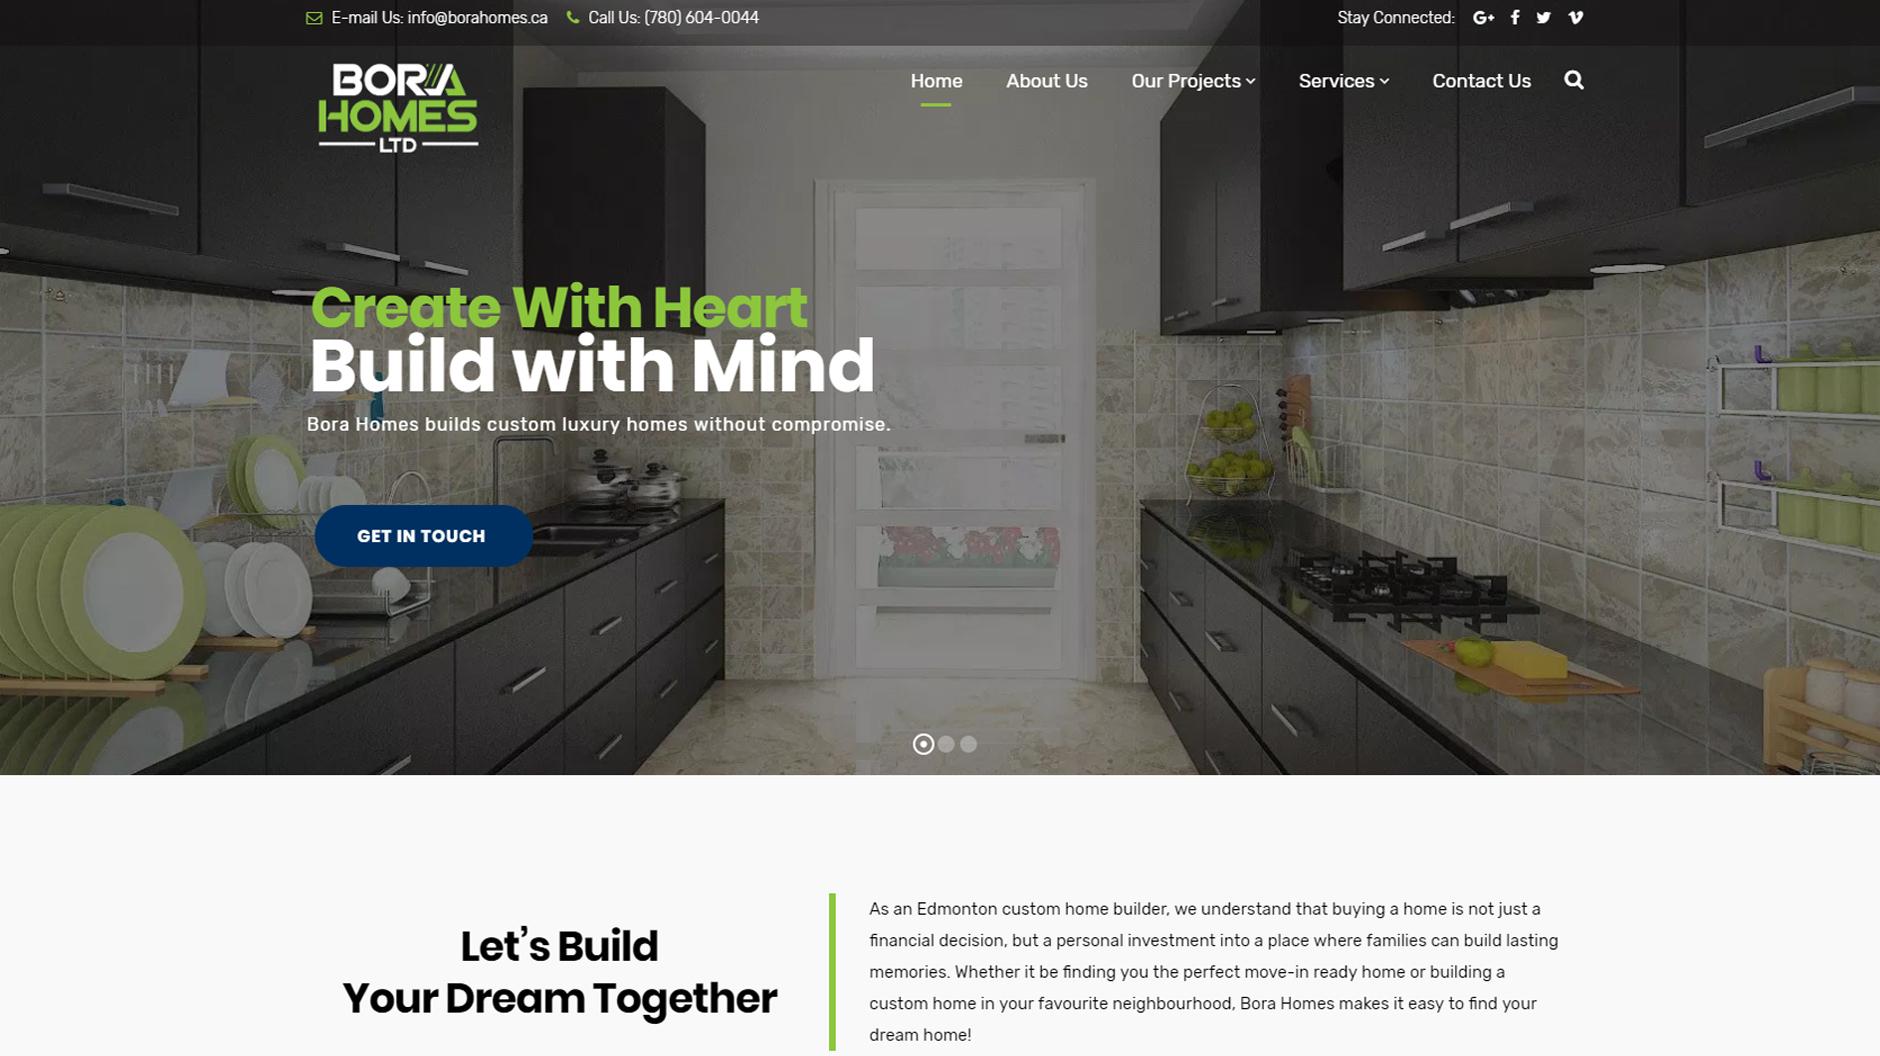 Bora Homes Ltd